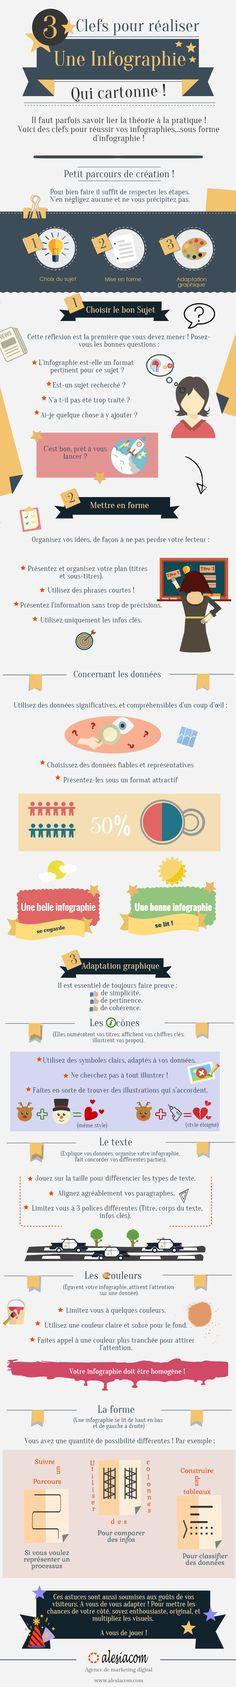 Créer une infographie au top